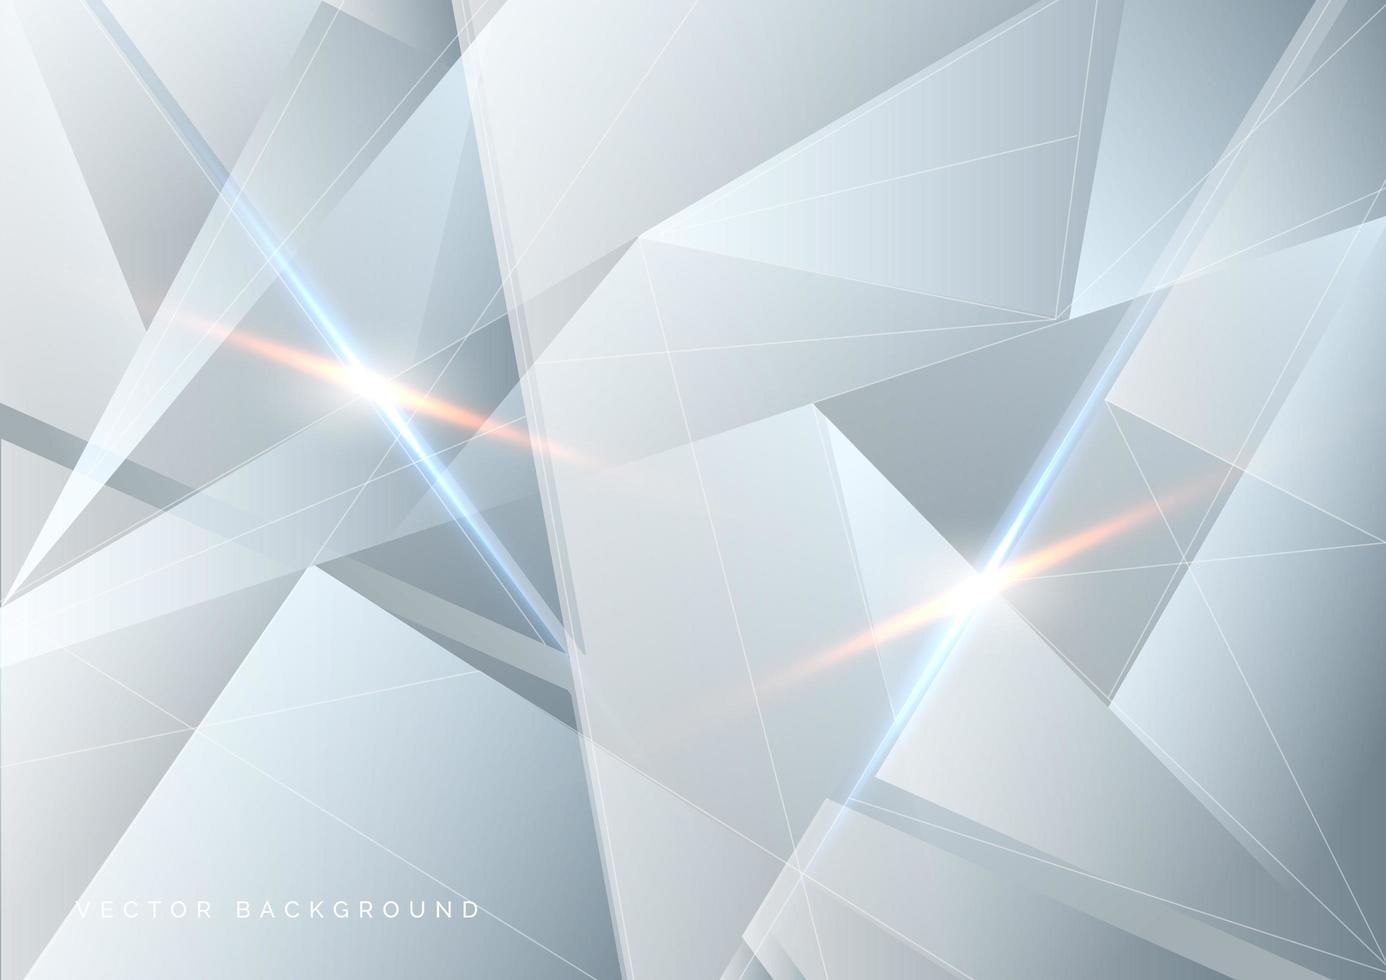 abstrakt vit och grå teknikbakgrund vektor